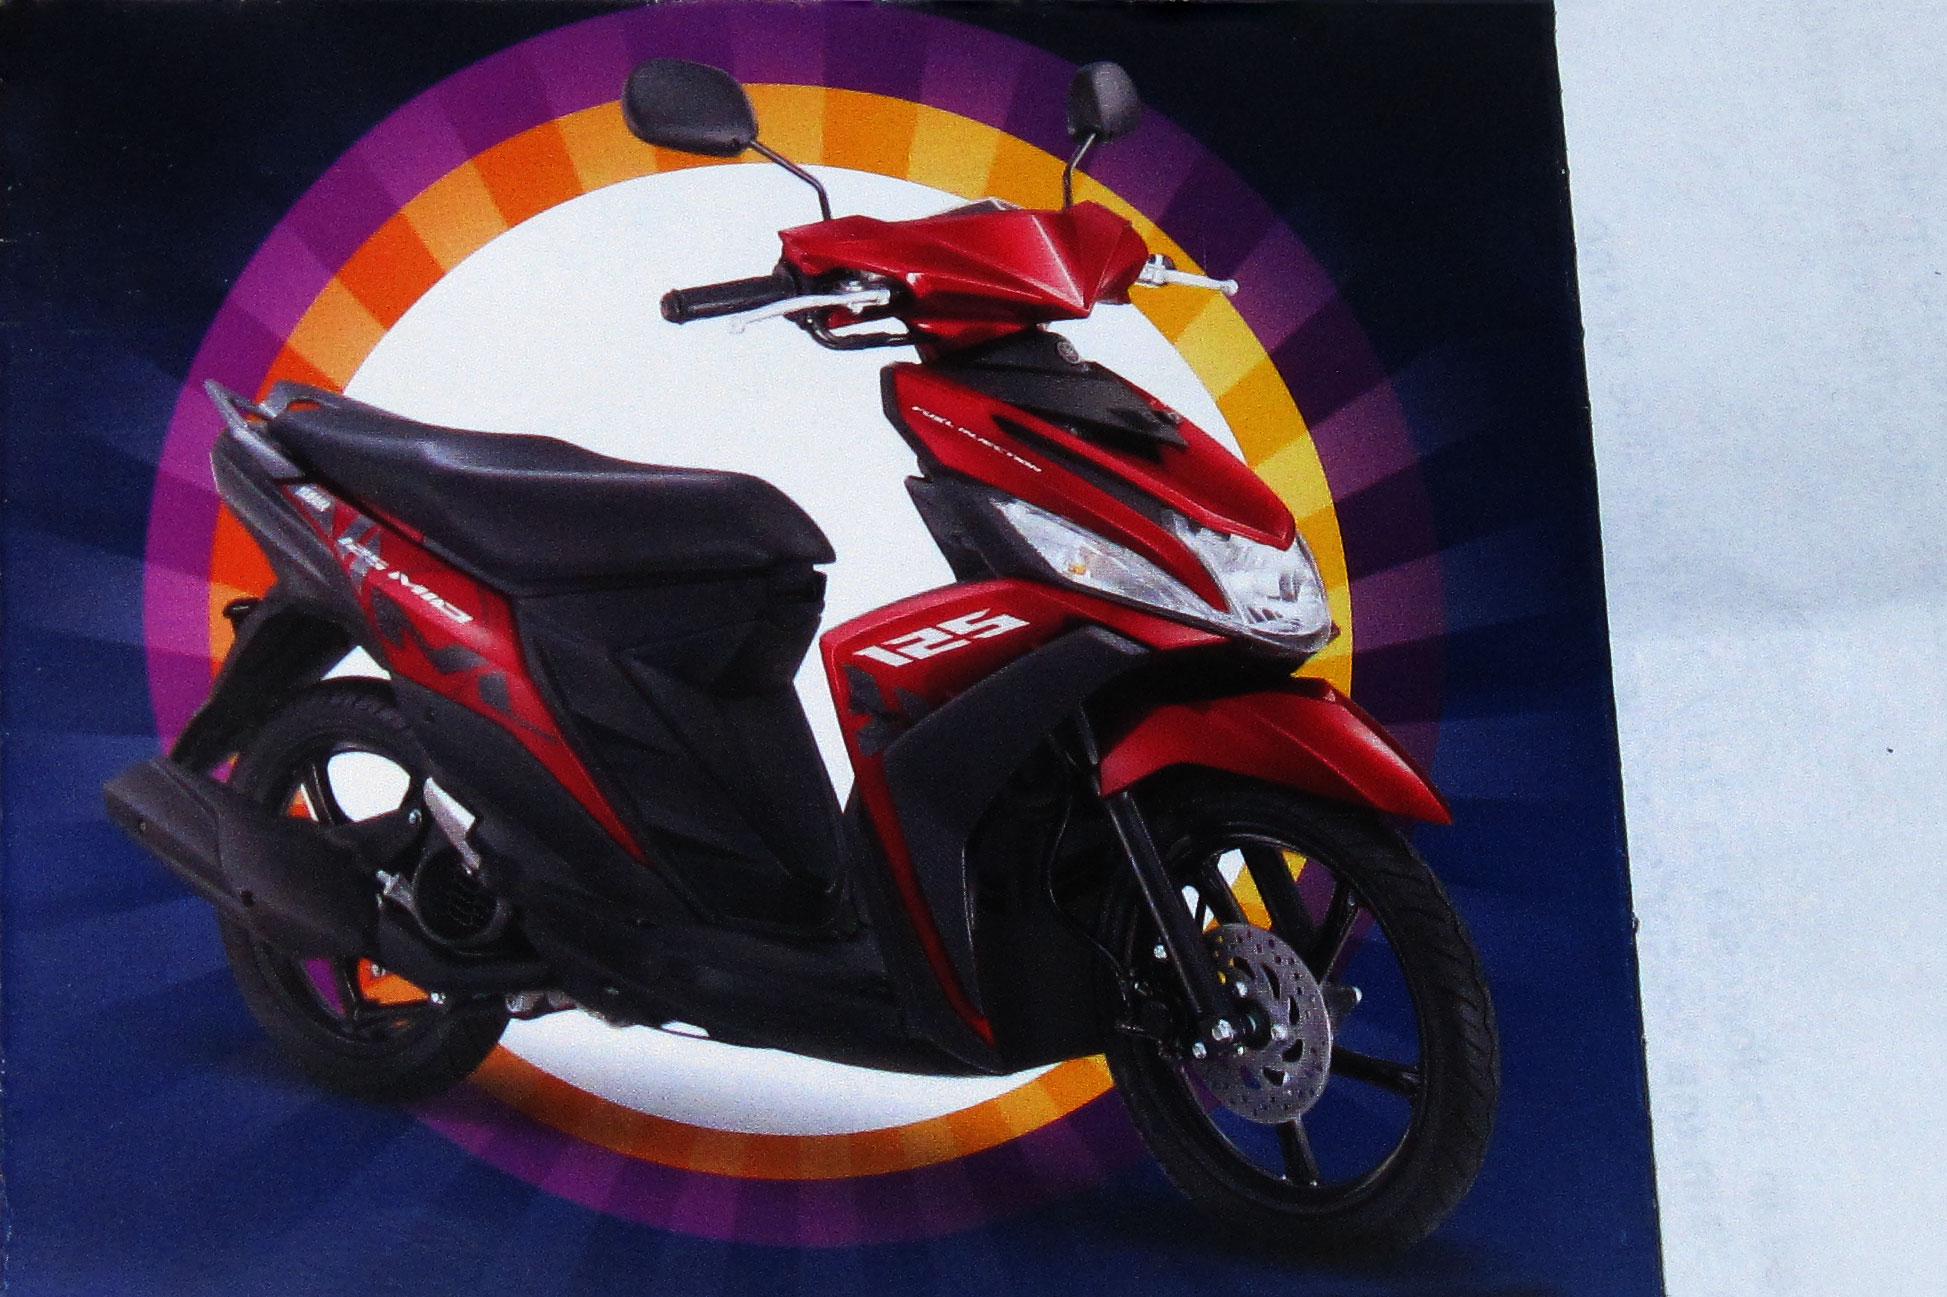 Yamaha để lộ giá bán xe tay ga giá rẻ Mio M3 125